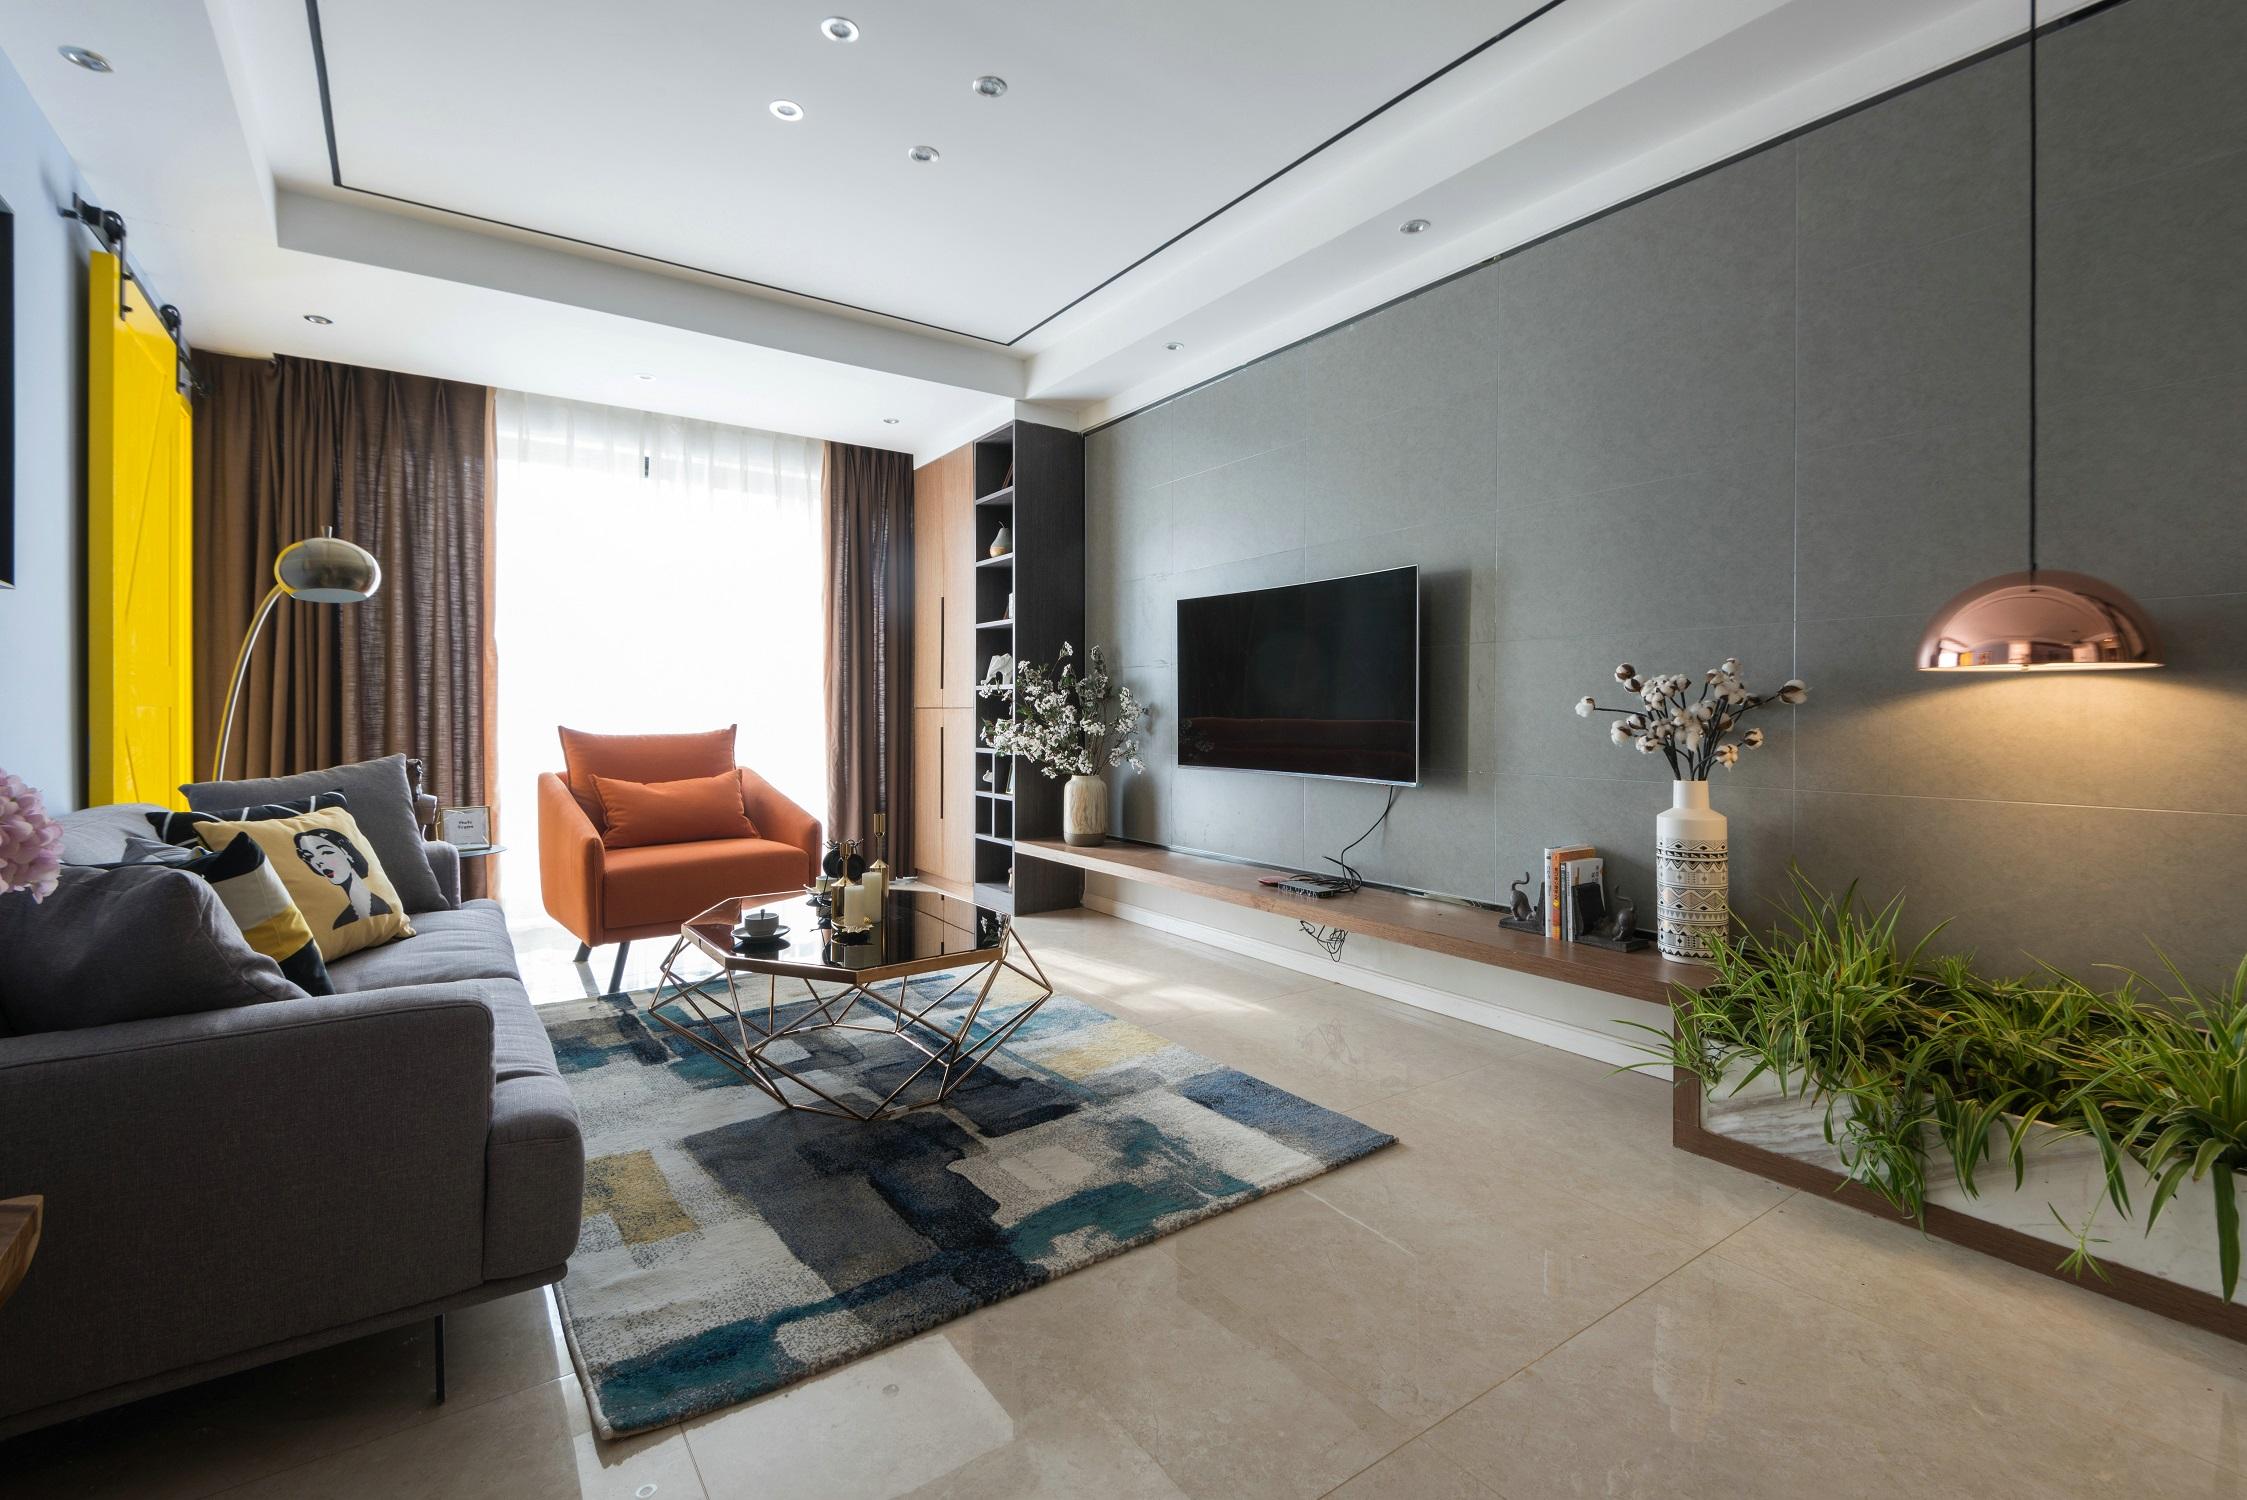 110㎡现代风格家电视背景墙图片